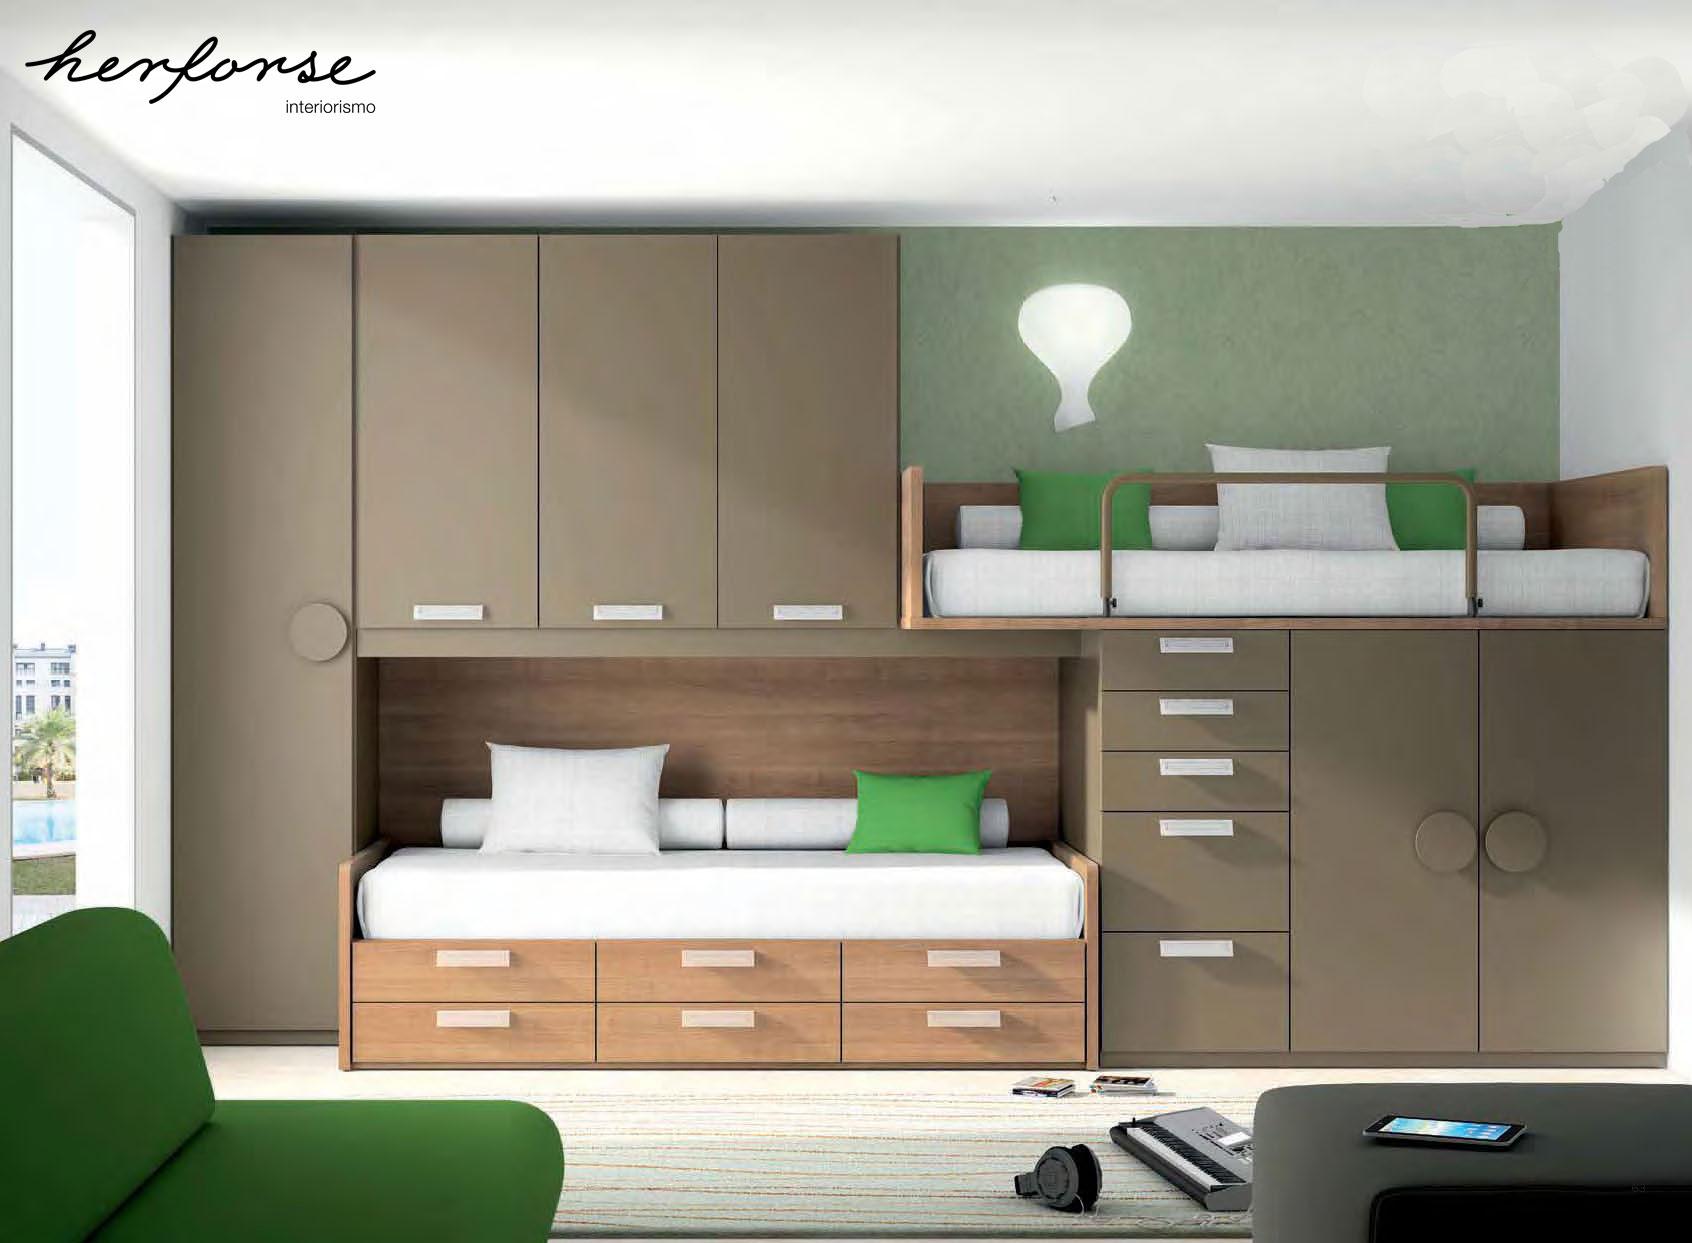 Literas y trenes juveniles herforseinteriorismo - Dormitorios dobles juveniles ...